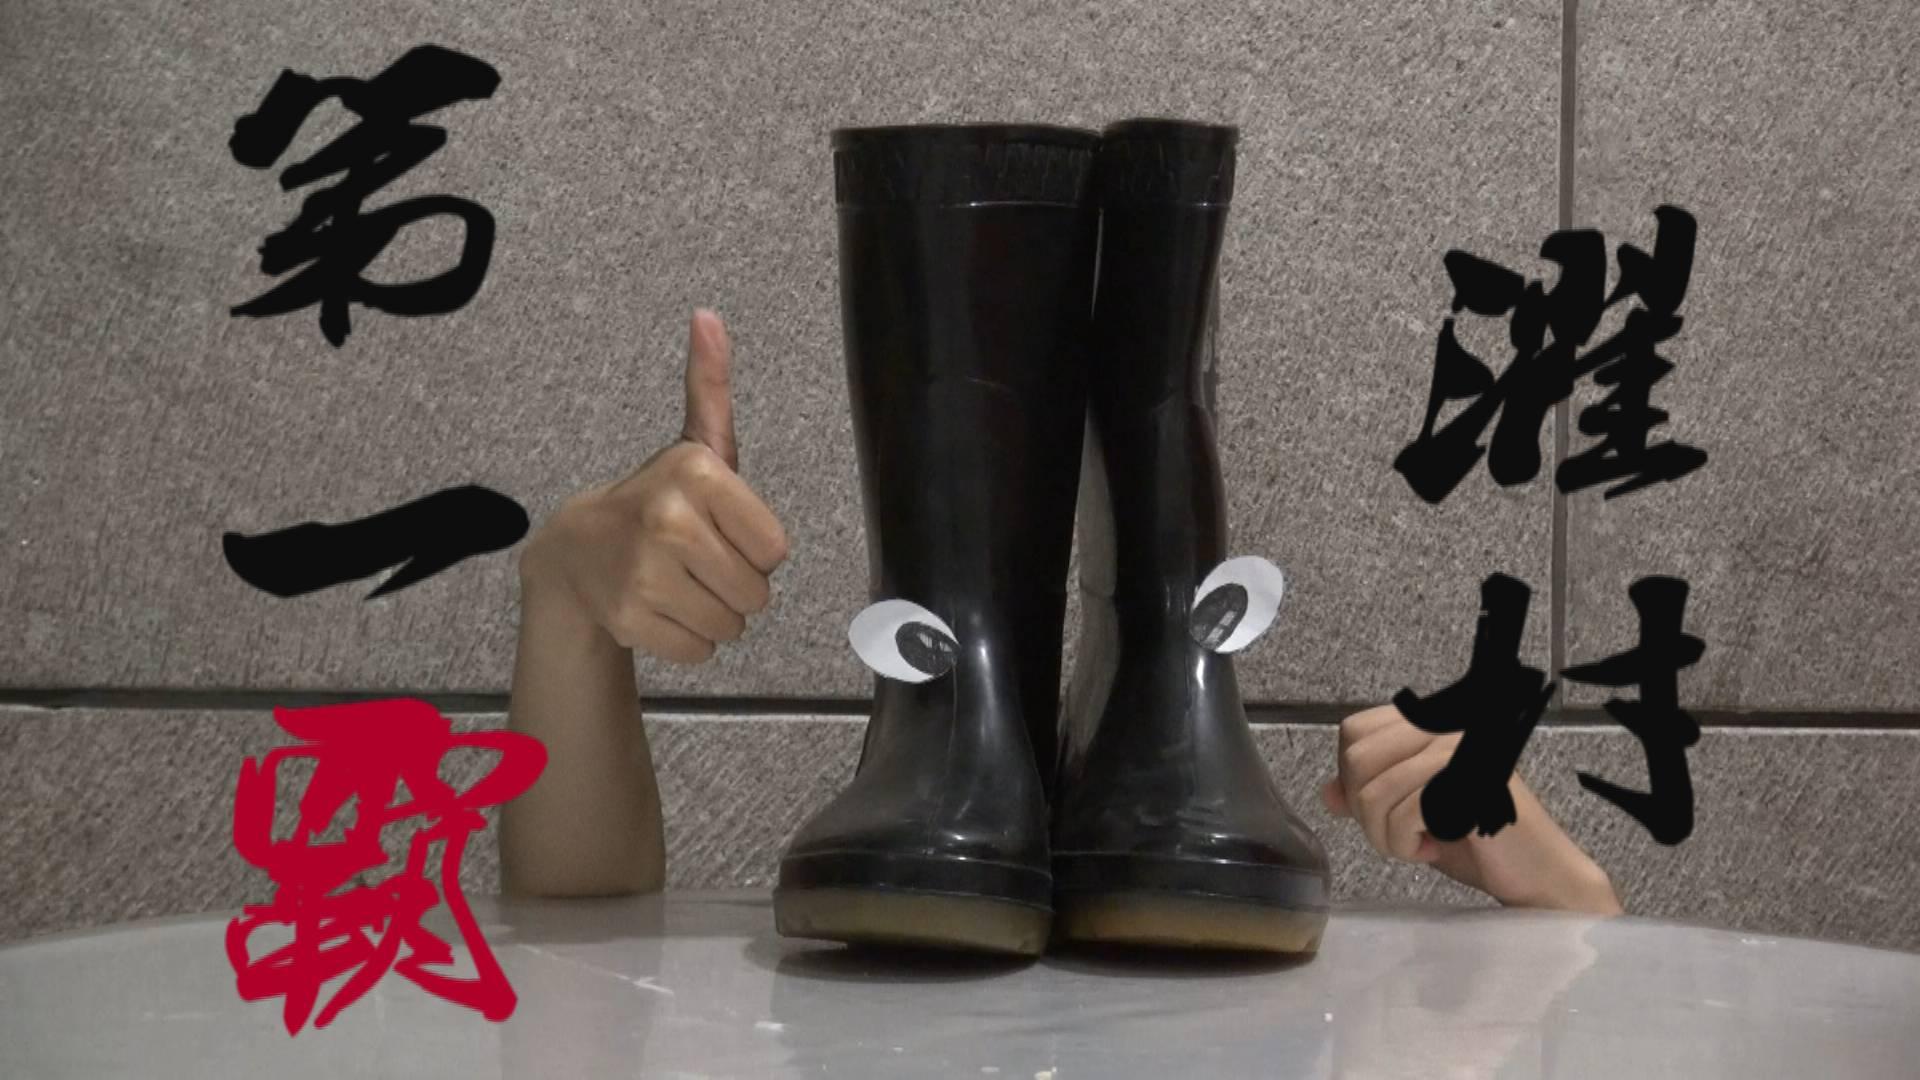 我们村不一样|一段来自莱阳濯村雨鞋的自述:我不当大哥好多年